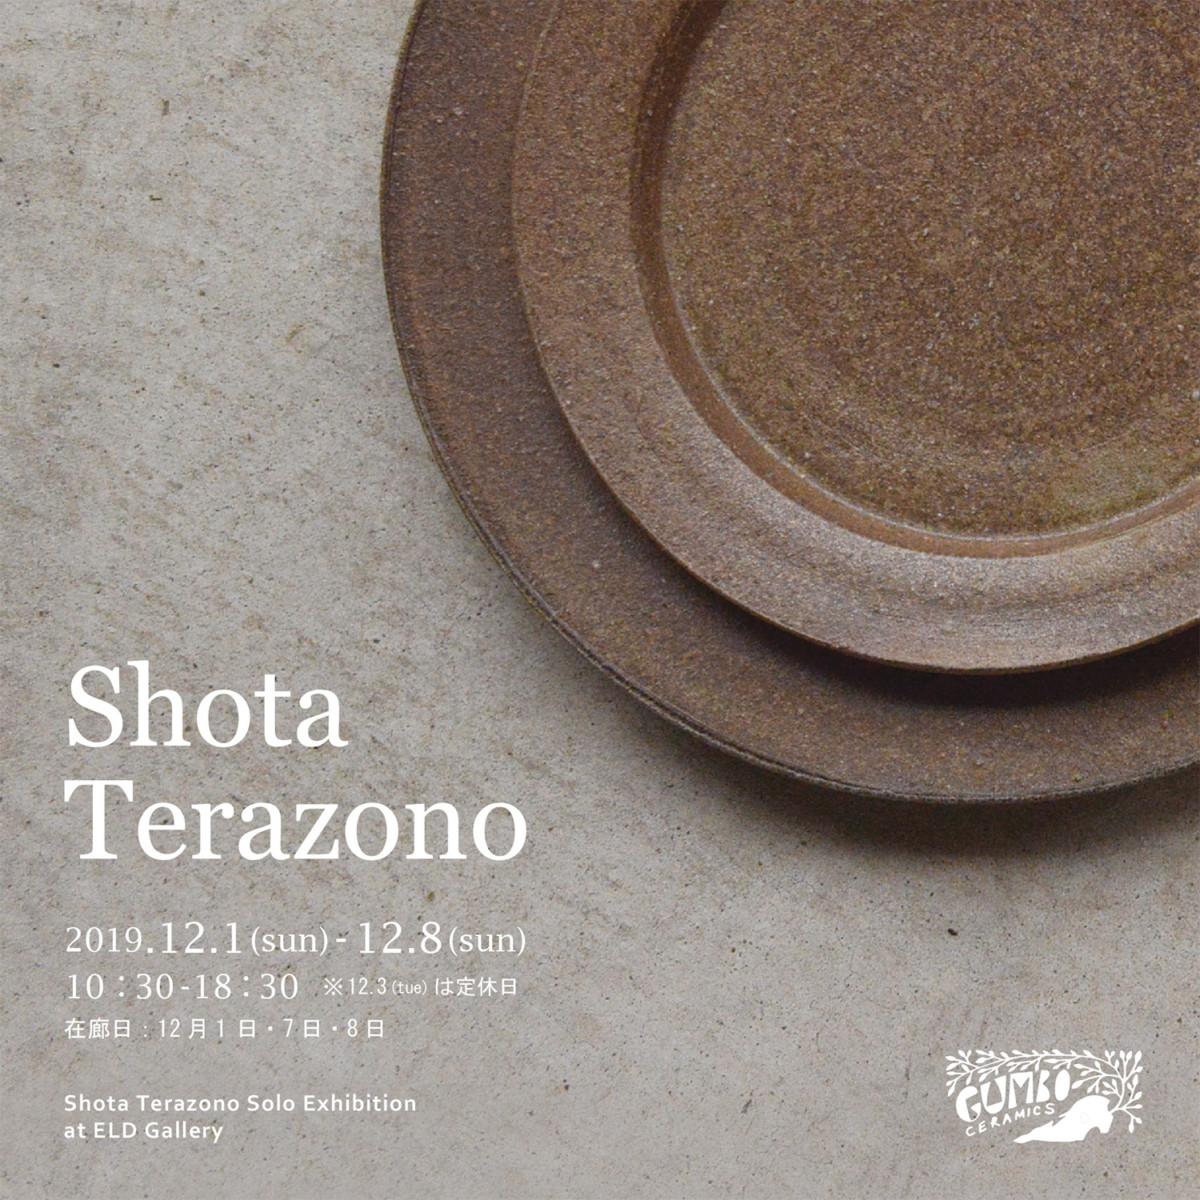 Shota Terazono solo Exhibition 2019.12.1(sun)-8(sun)